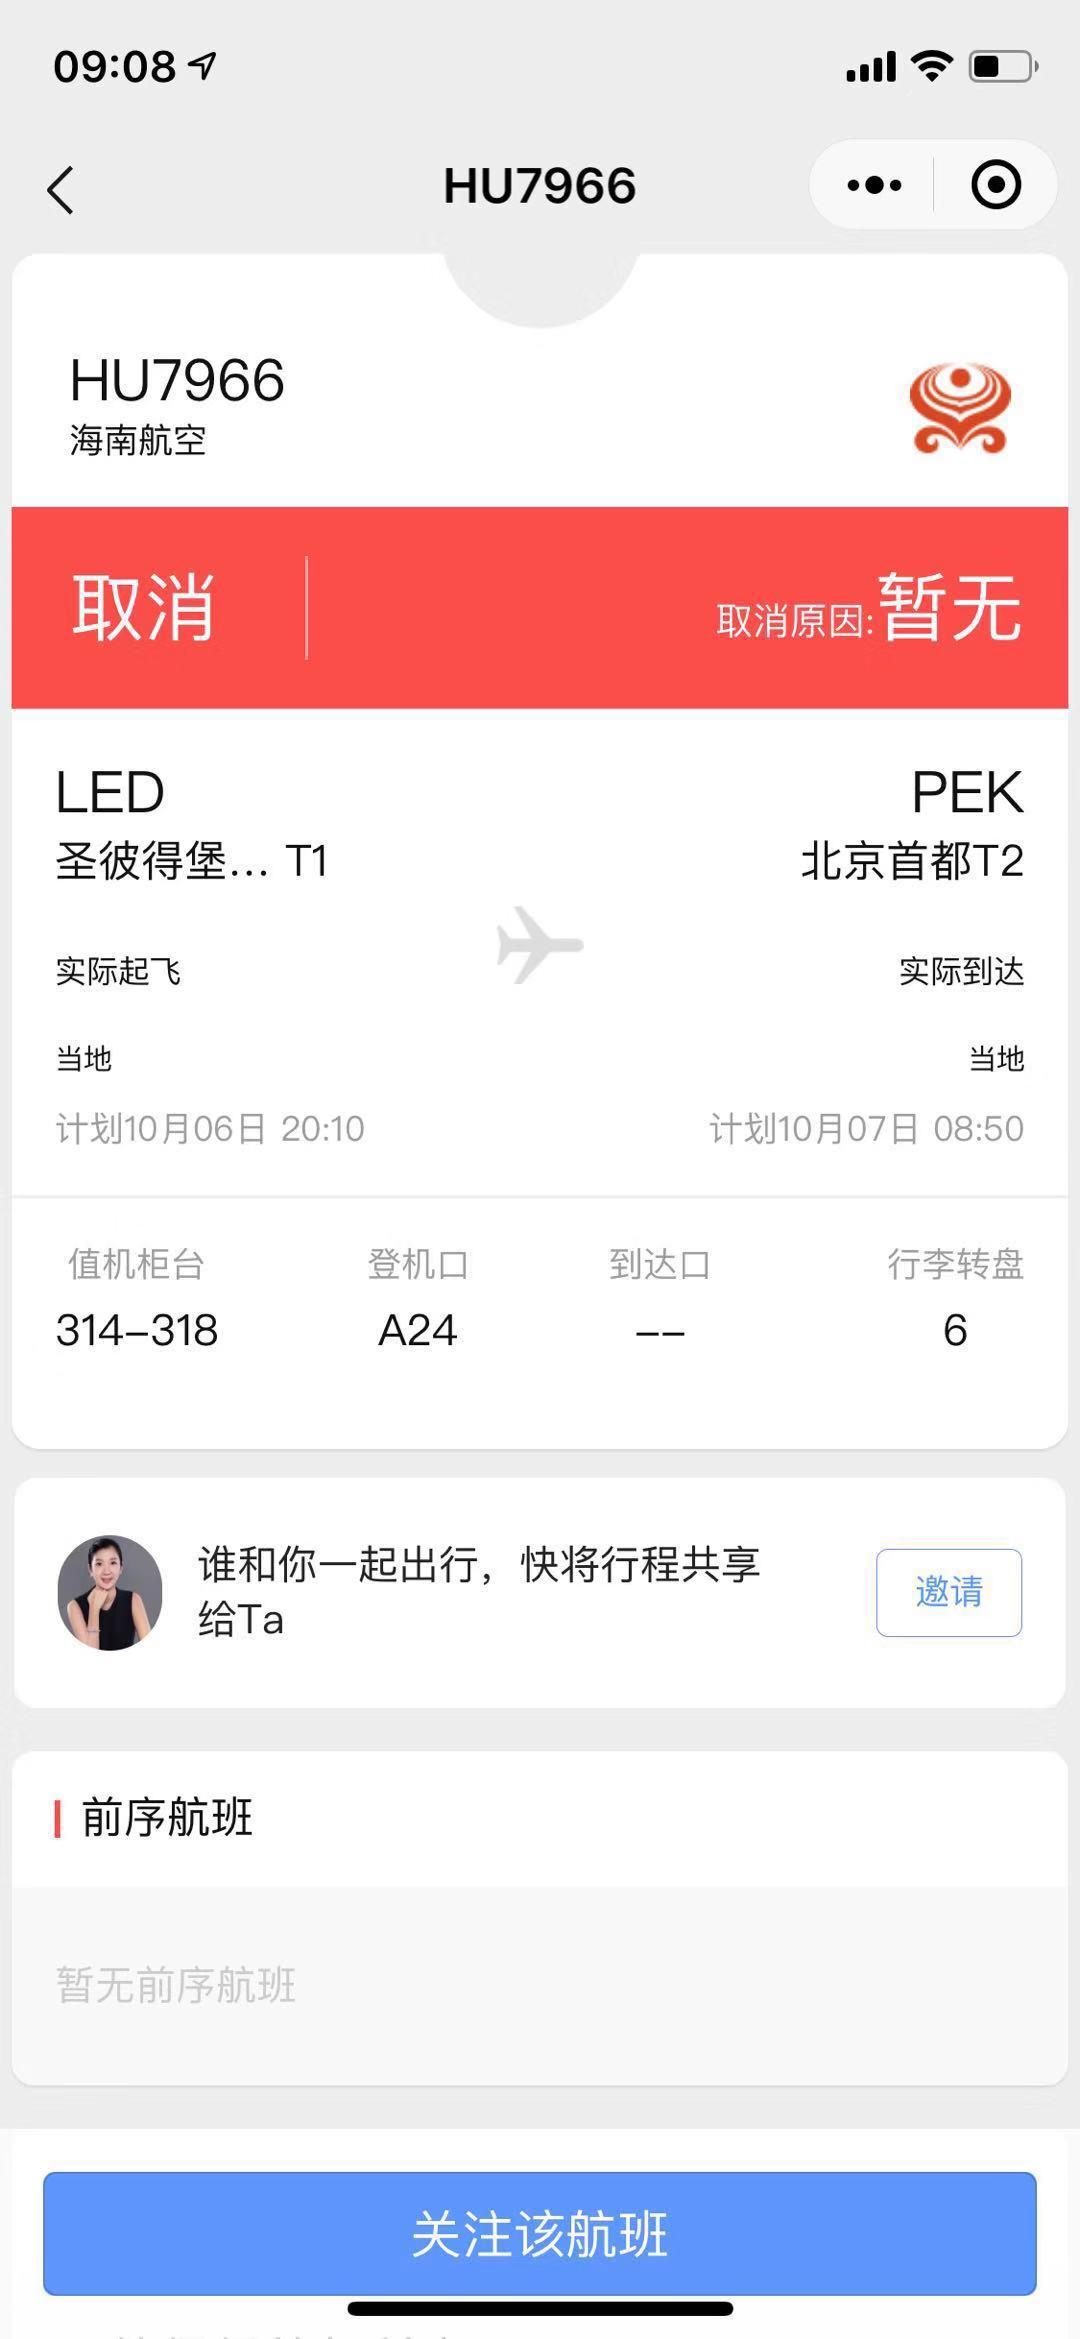 航班信息查询平台截图显示,该航班已取消。 受访者供图